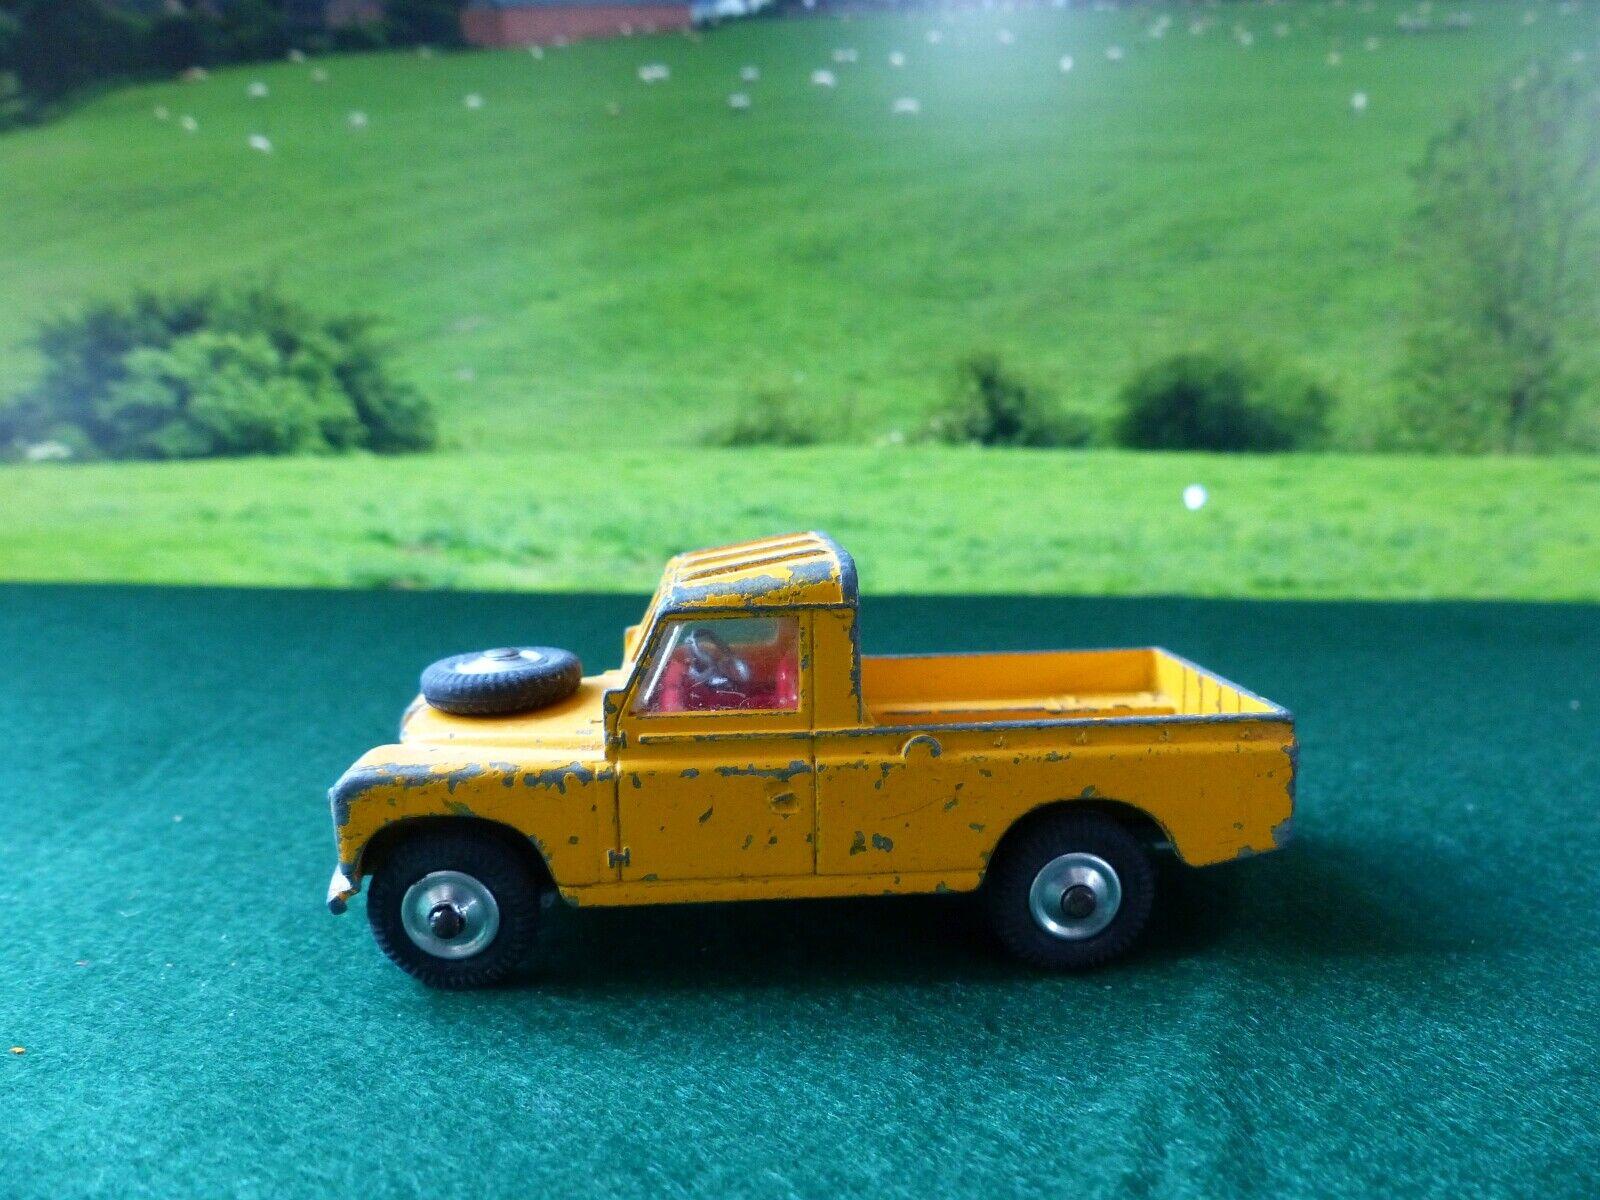 edición limitada Corgi Corgi Corgi Juguetes Land Rover 406S (1)  Venta en línea precio bajo descuento